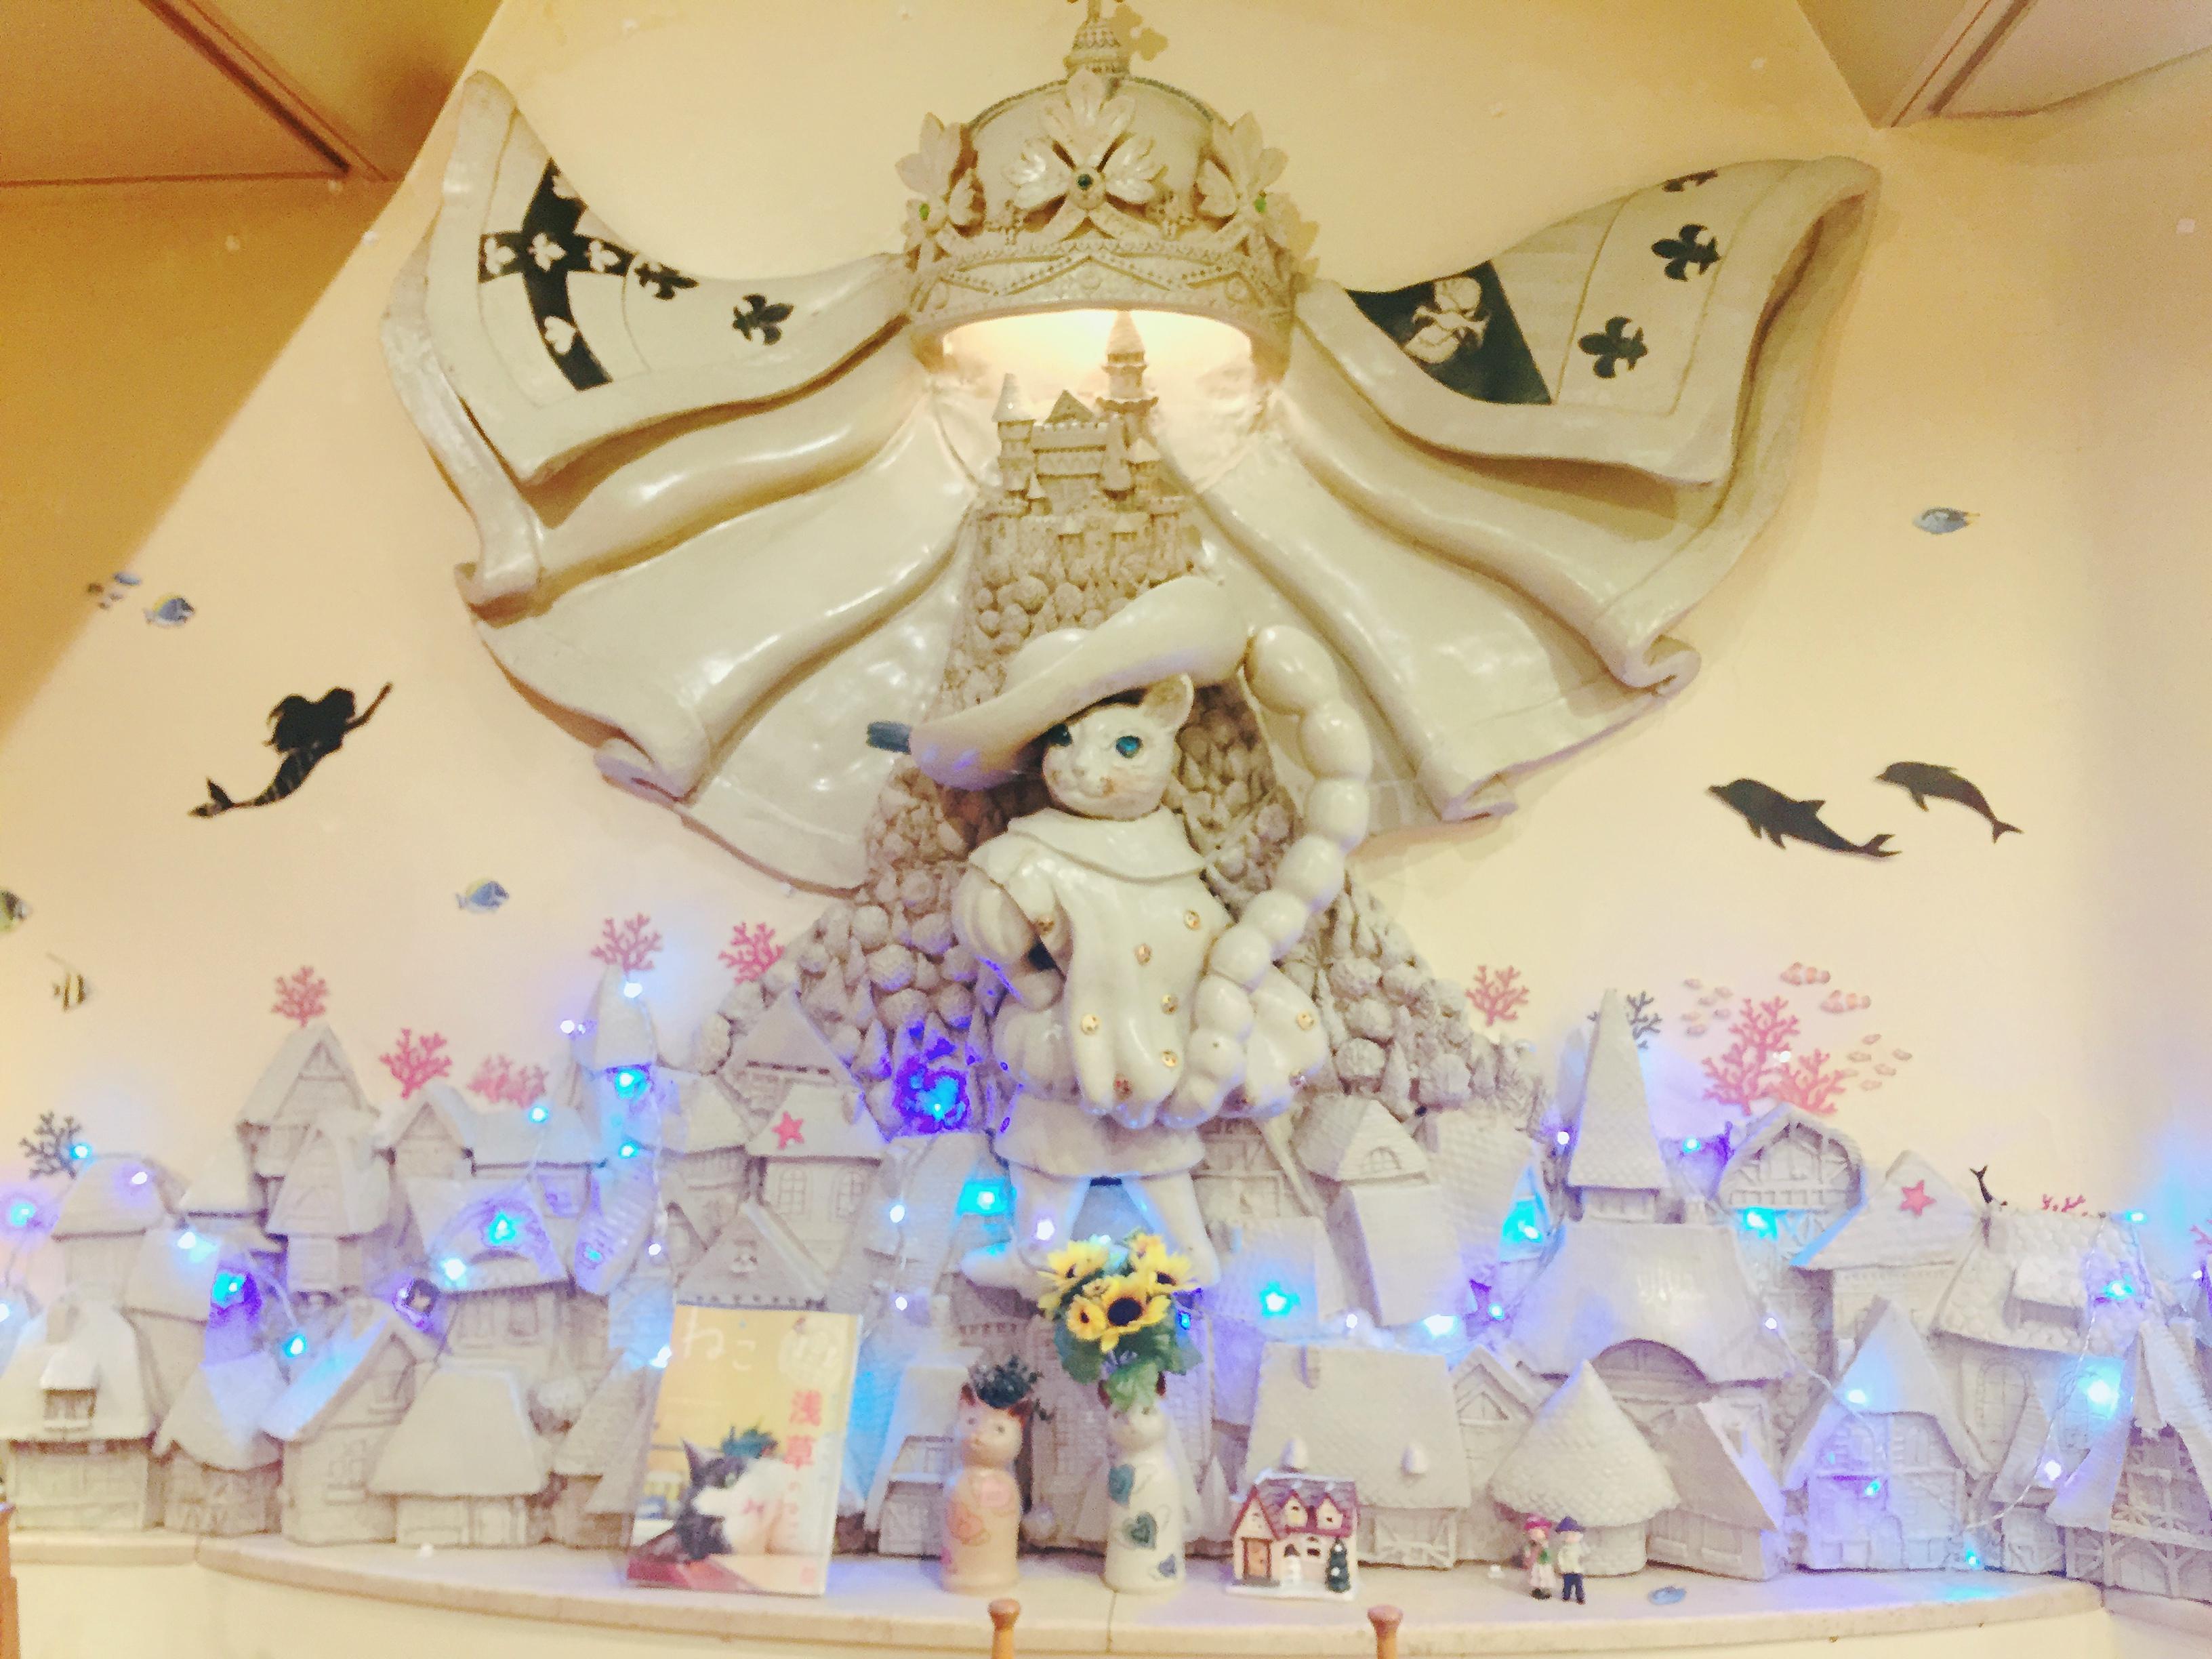 店内いっぱいに広がるおとぎ話の世界!珈琲店「長靴と猫」で優雅なランチタイムを - IMG 6541